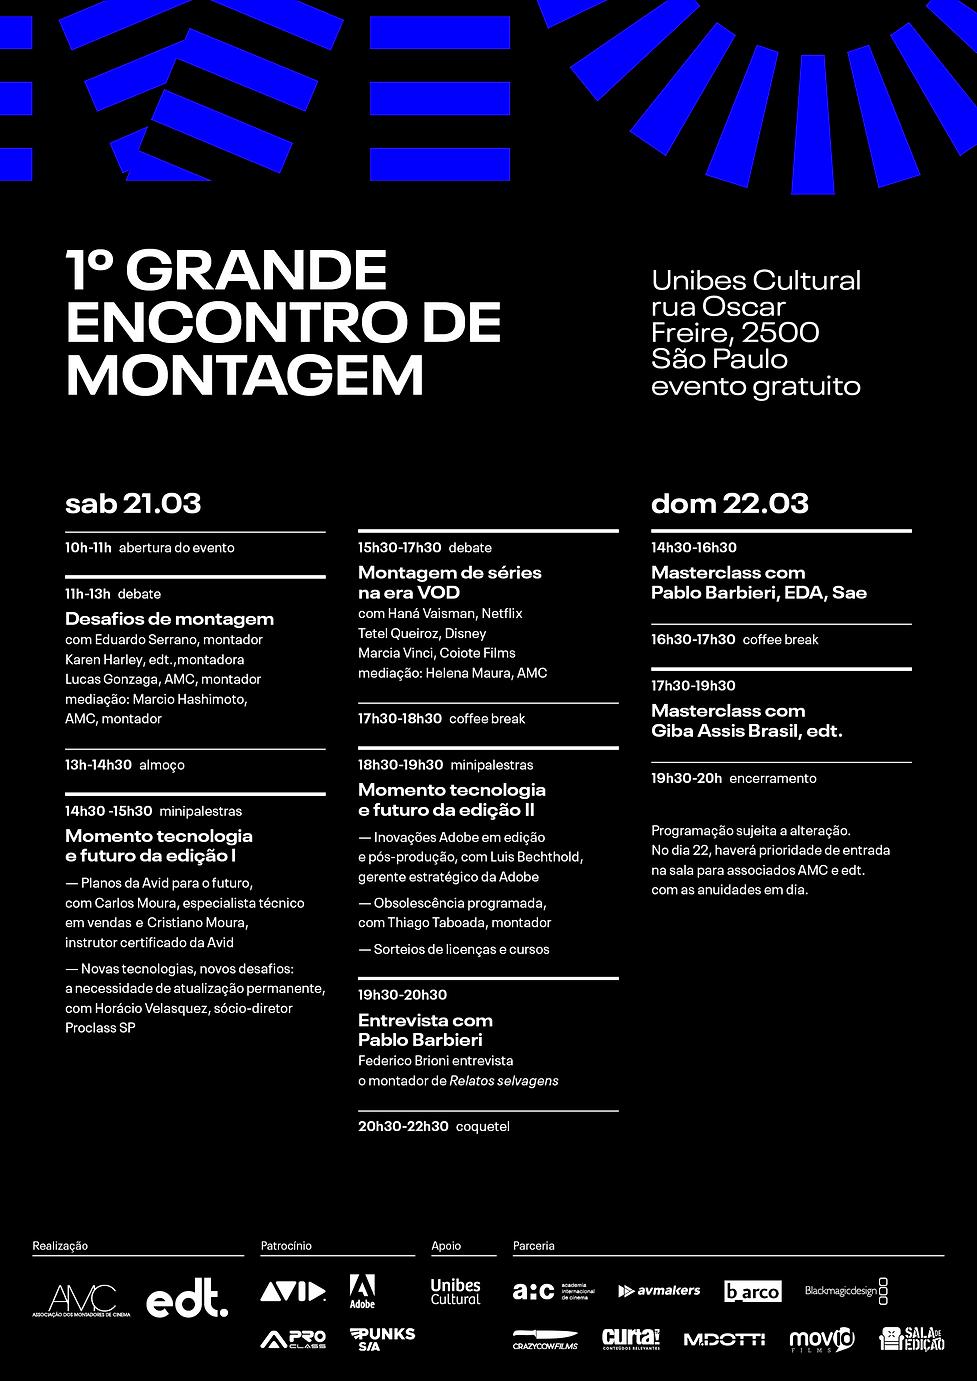 1oGrandeEncontroDeMontagem_programacao.p